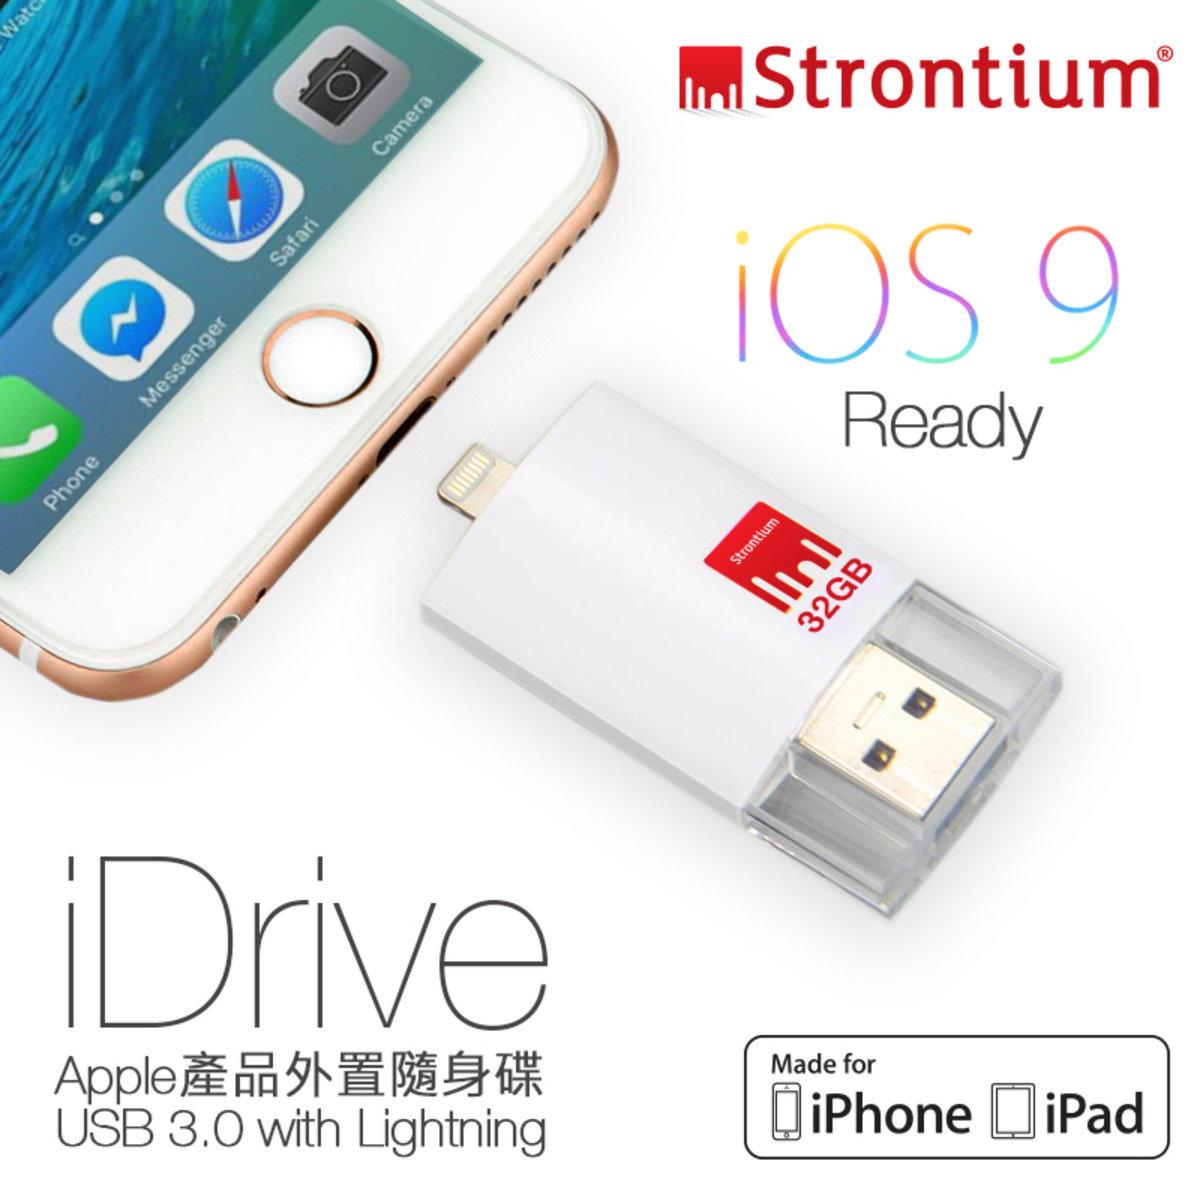 NITRO iDrive OTG 32GB 70MB/s USB 3.0 高速雙用隨身碟 (iPhone & iPad專用)